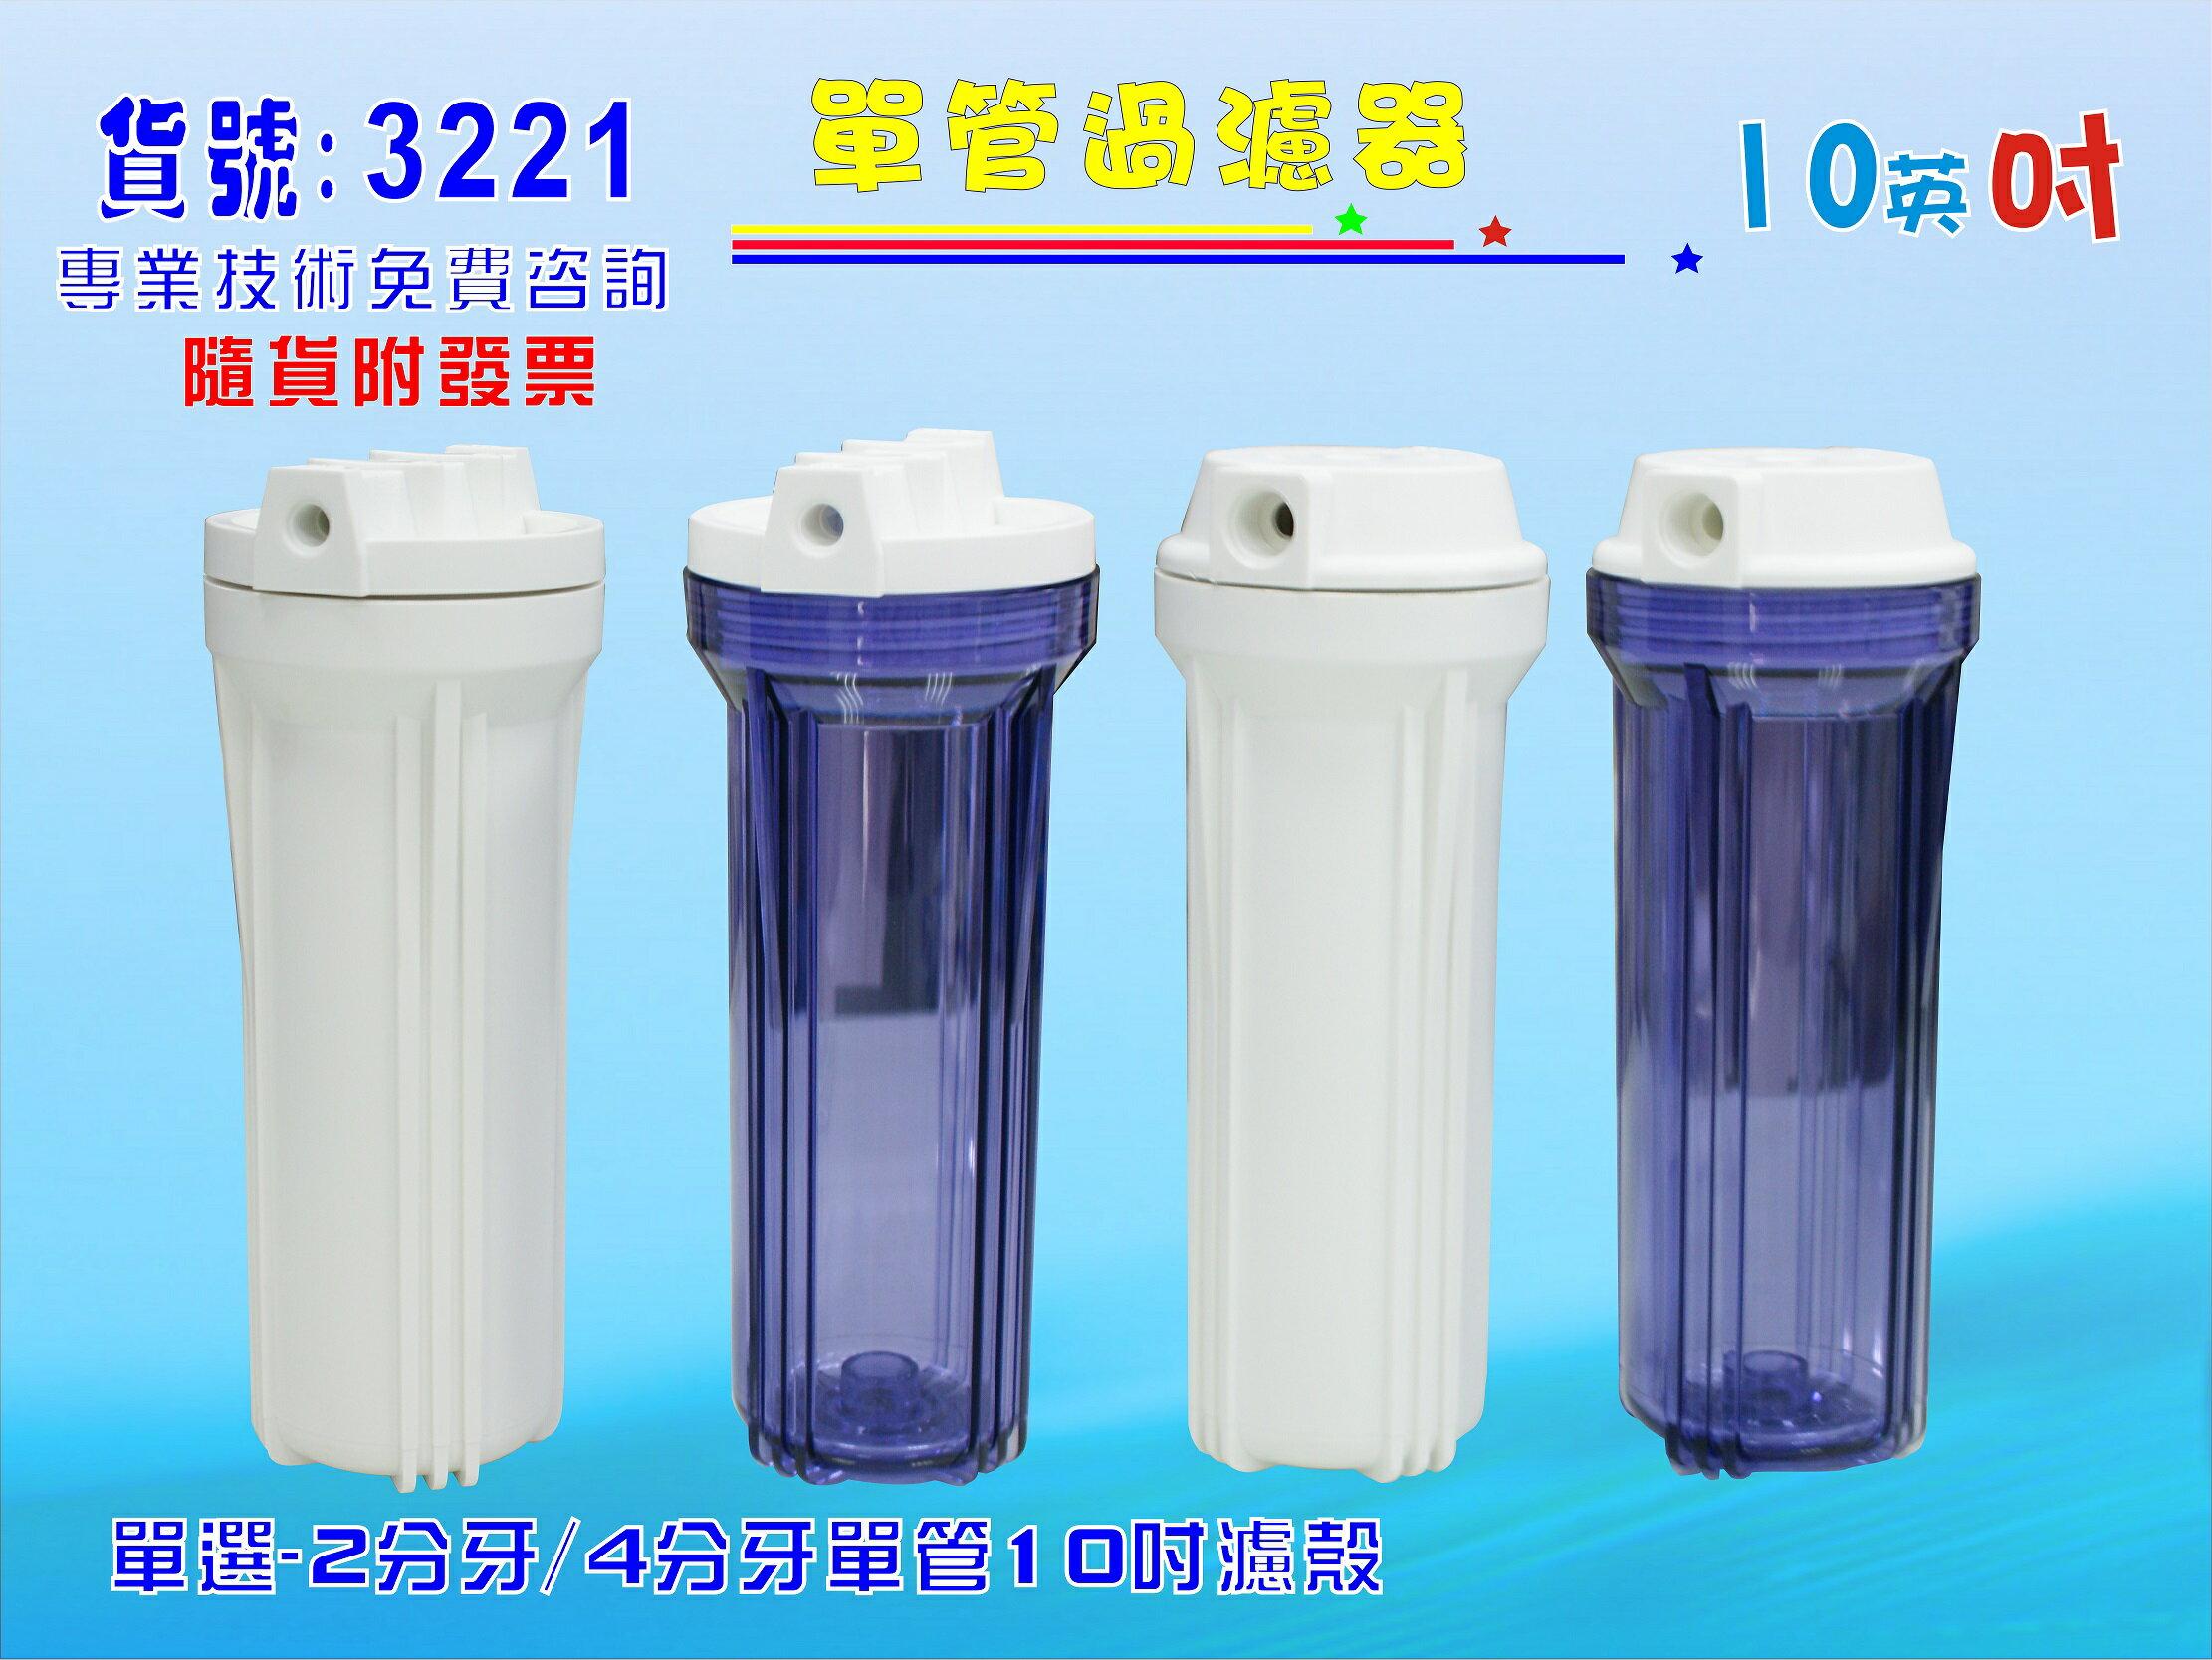 淨水器1 0英吋濾殼.RO濾水器.魚缸濾水.電解水機.水塔過濾器貨號:3221【七星淨水】